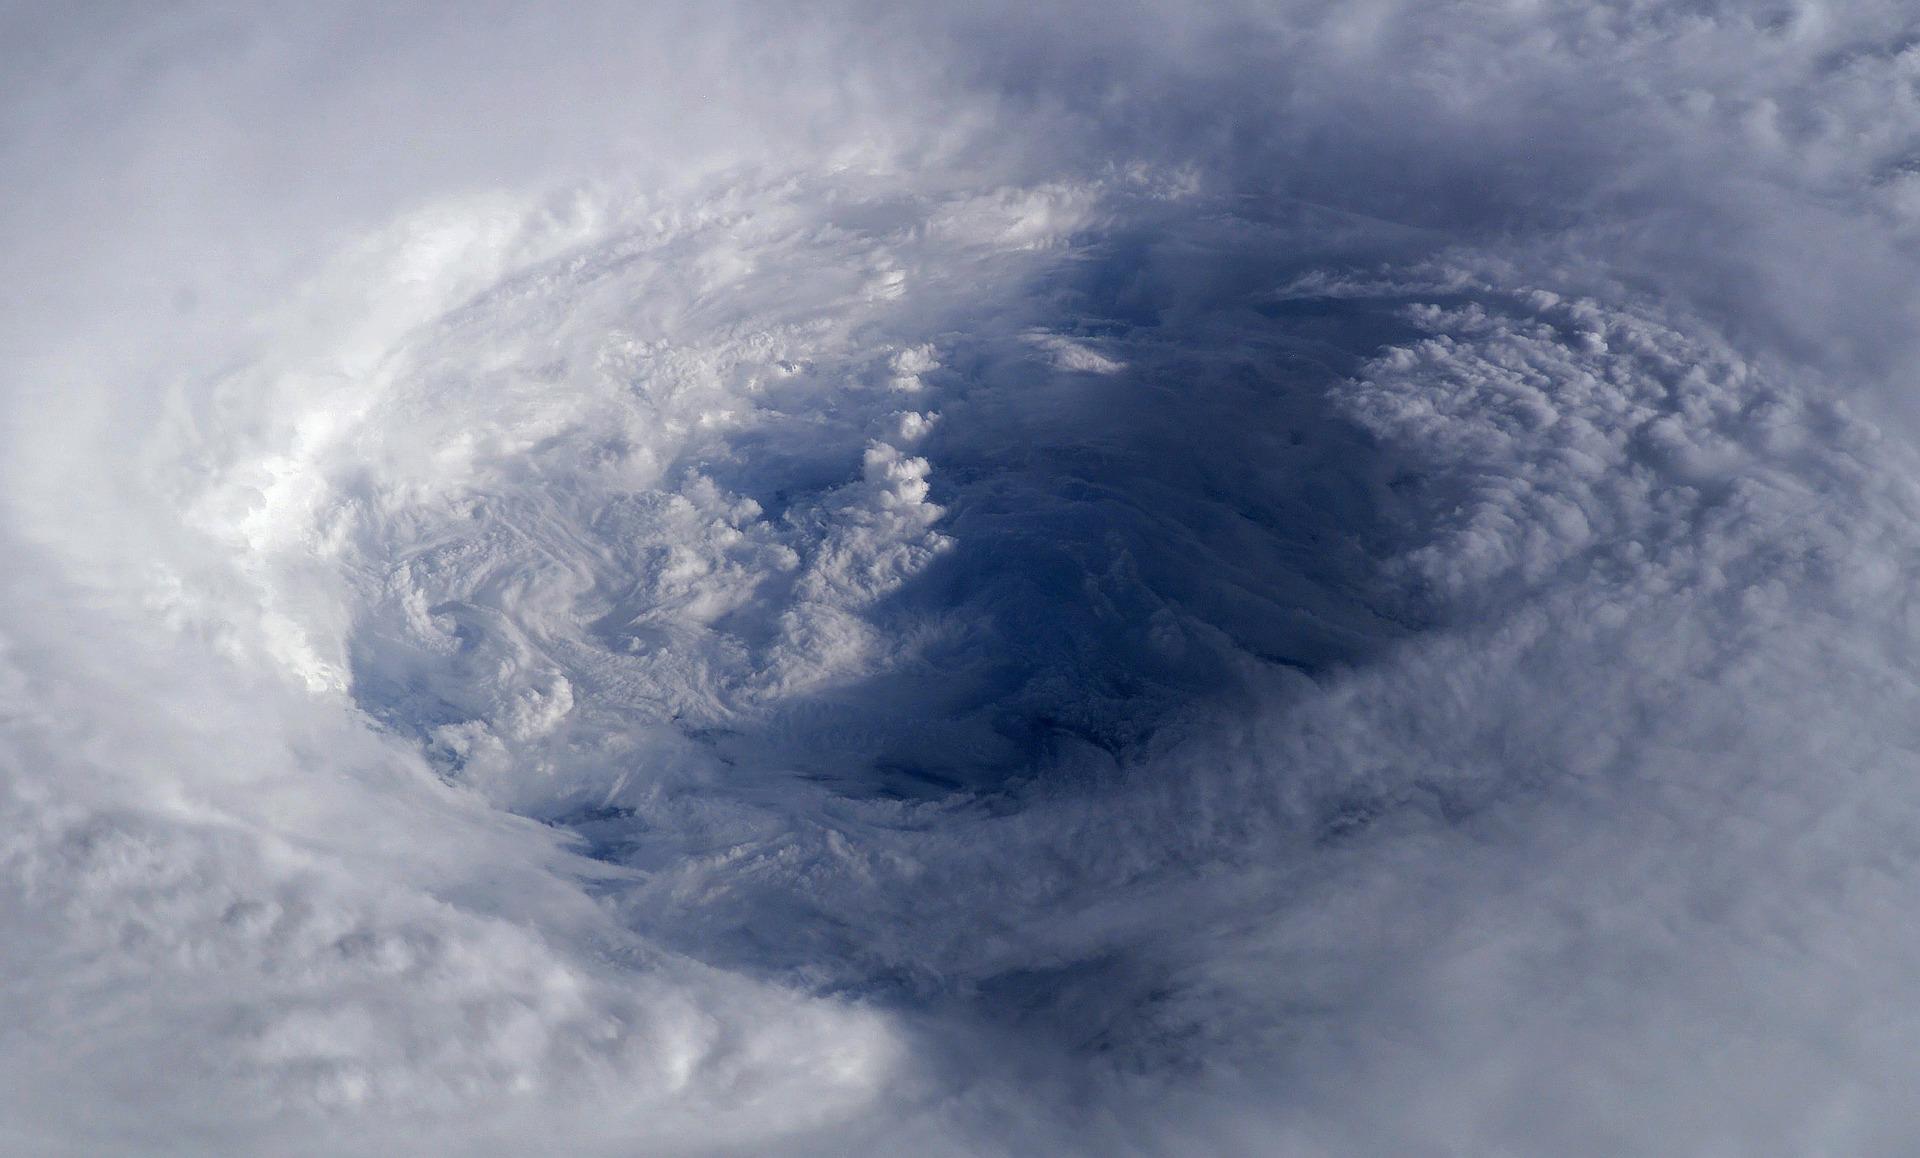 cycloneoi.com